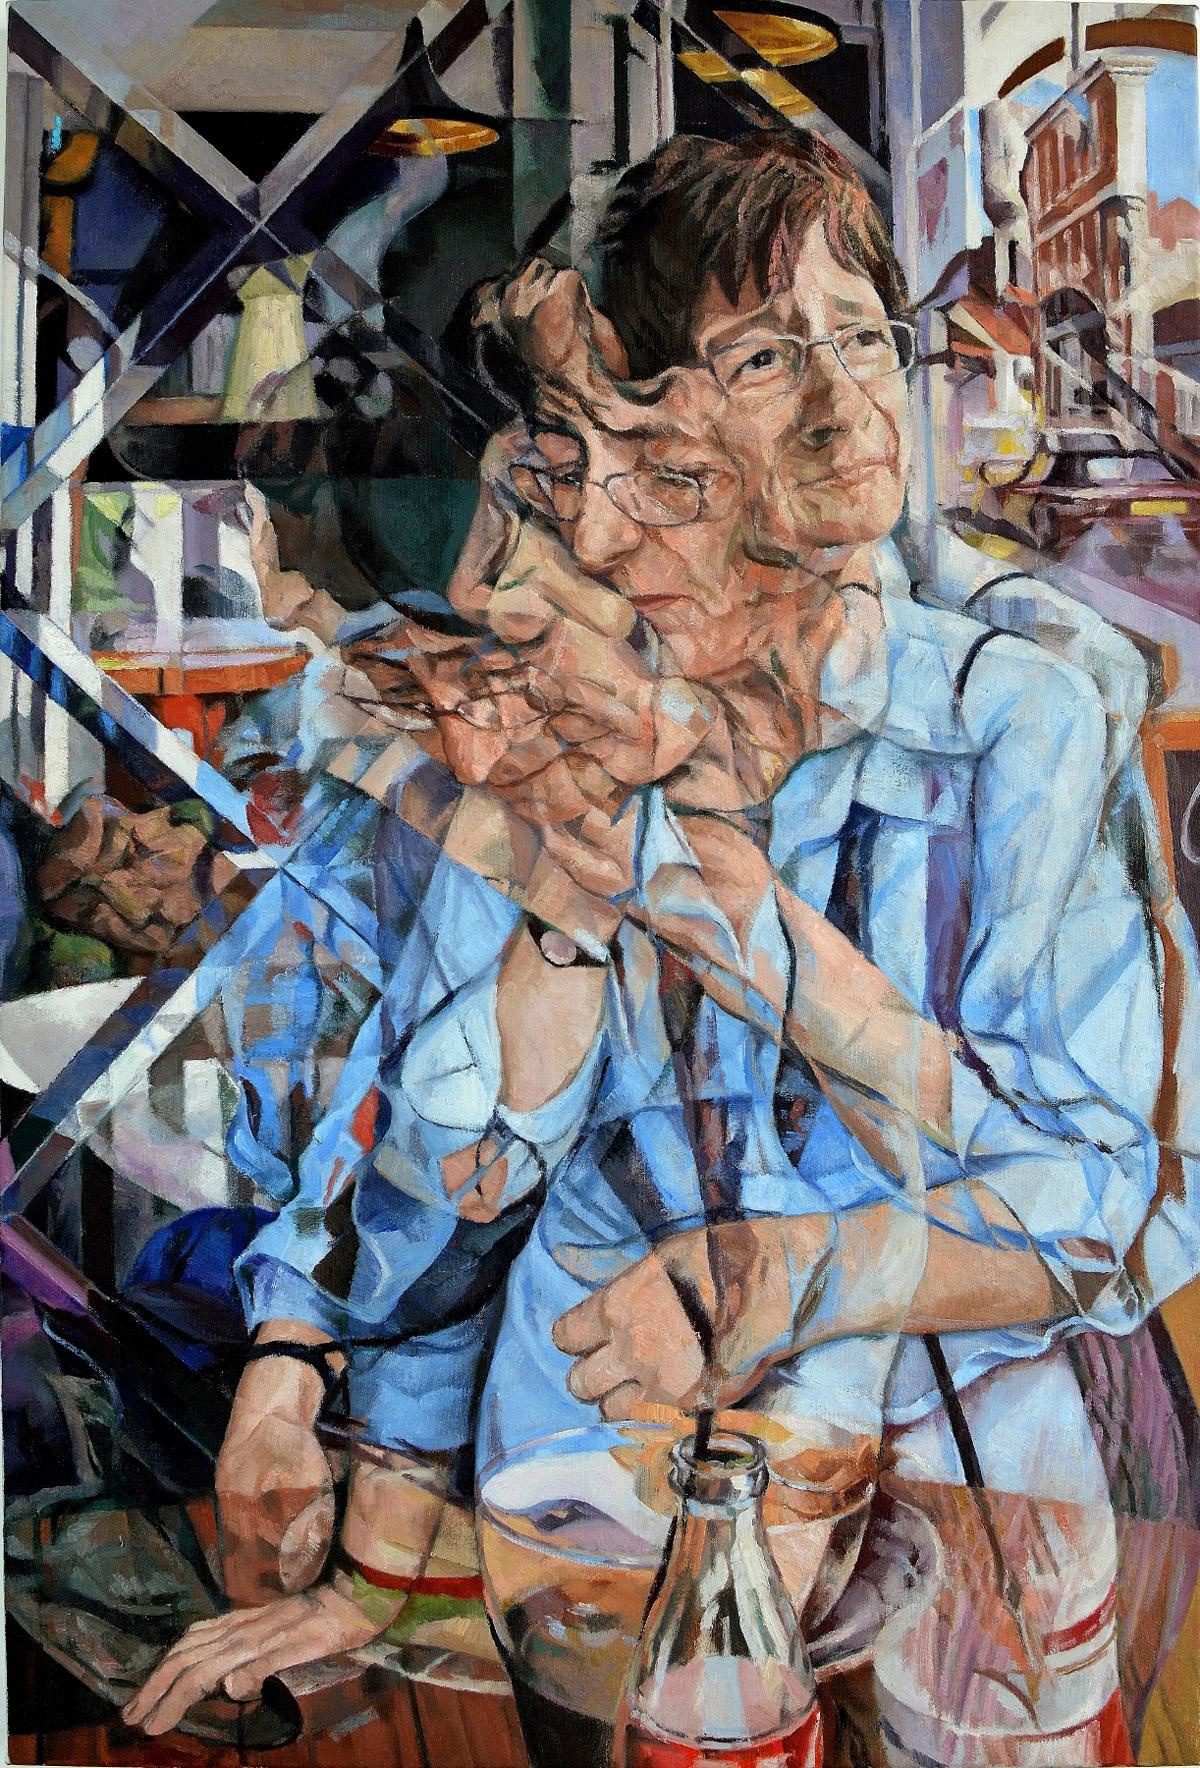 Pinturas al óleo multidimensionales por Clive Head